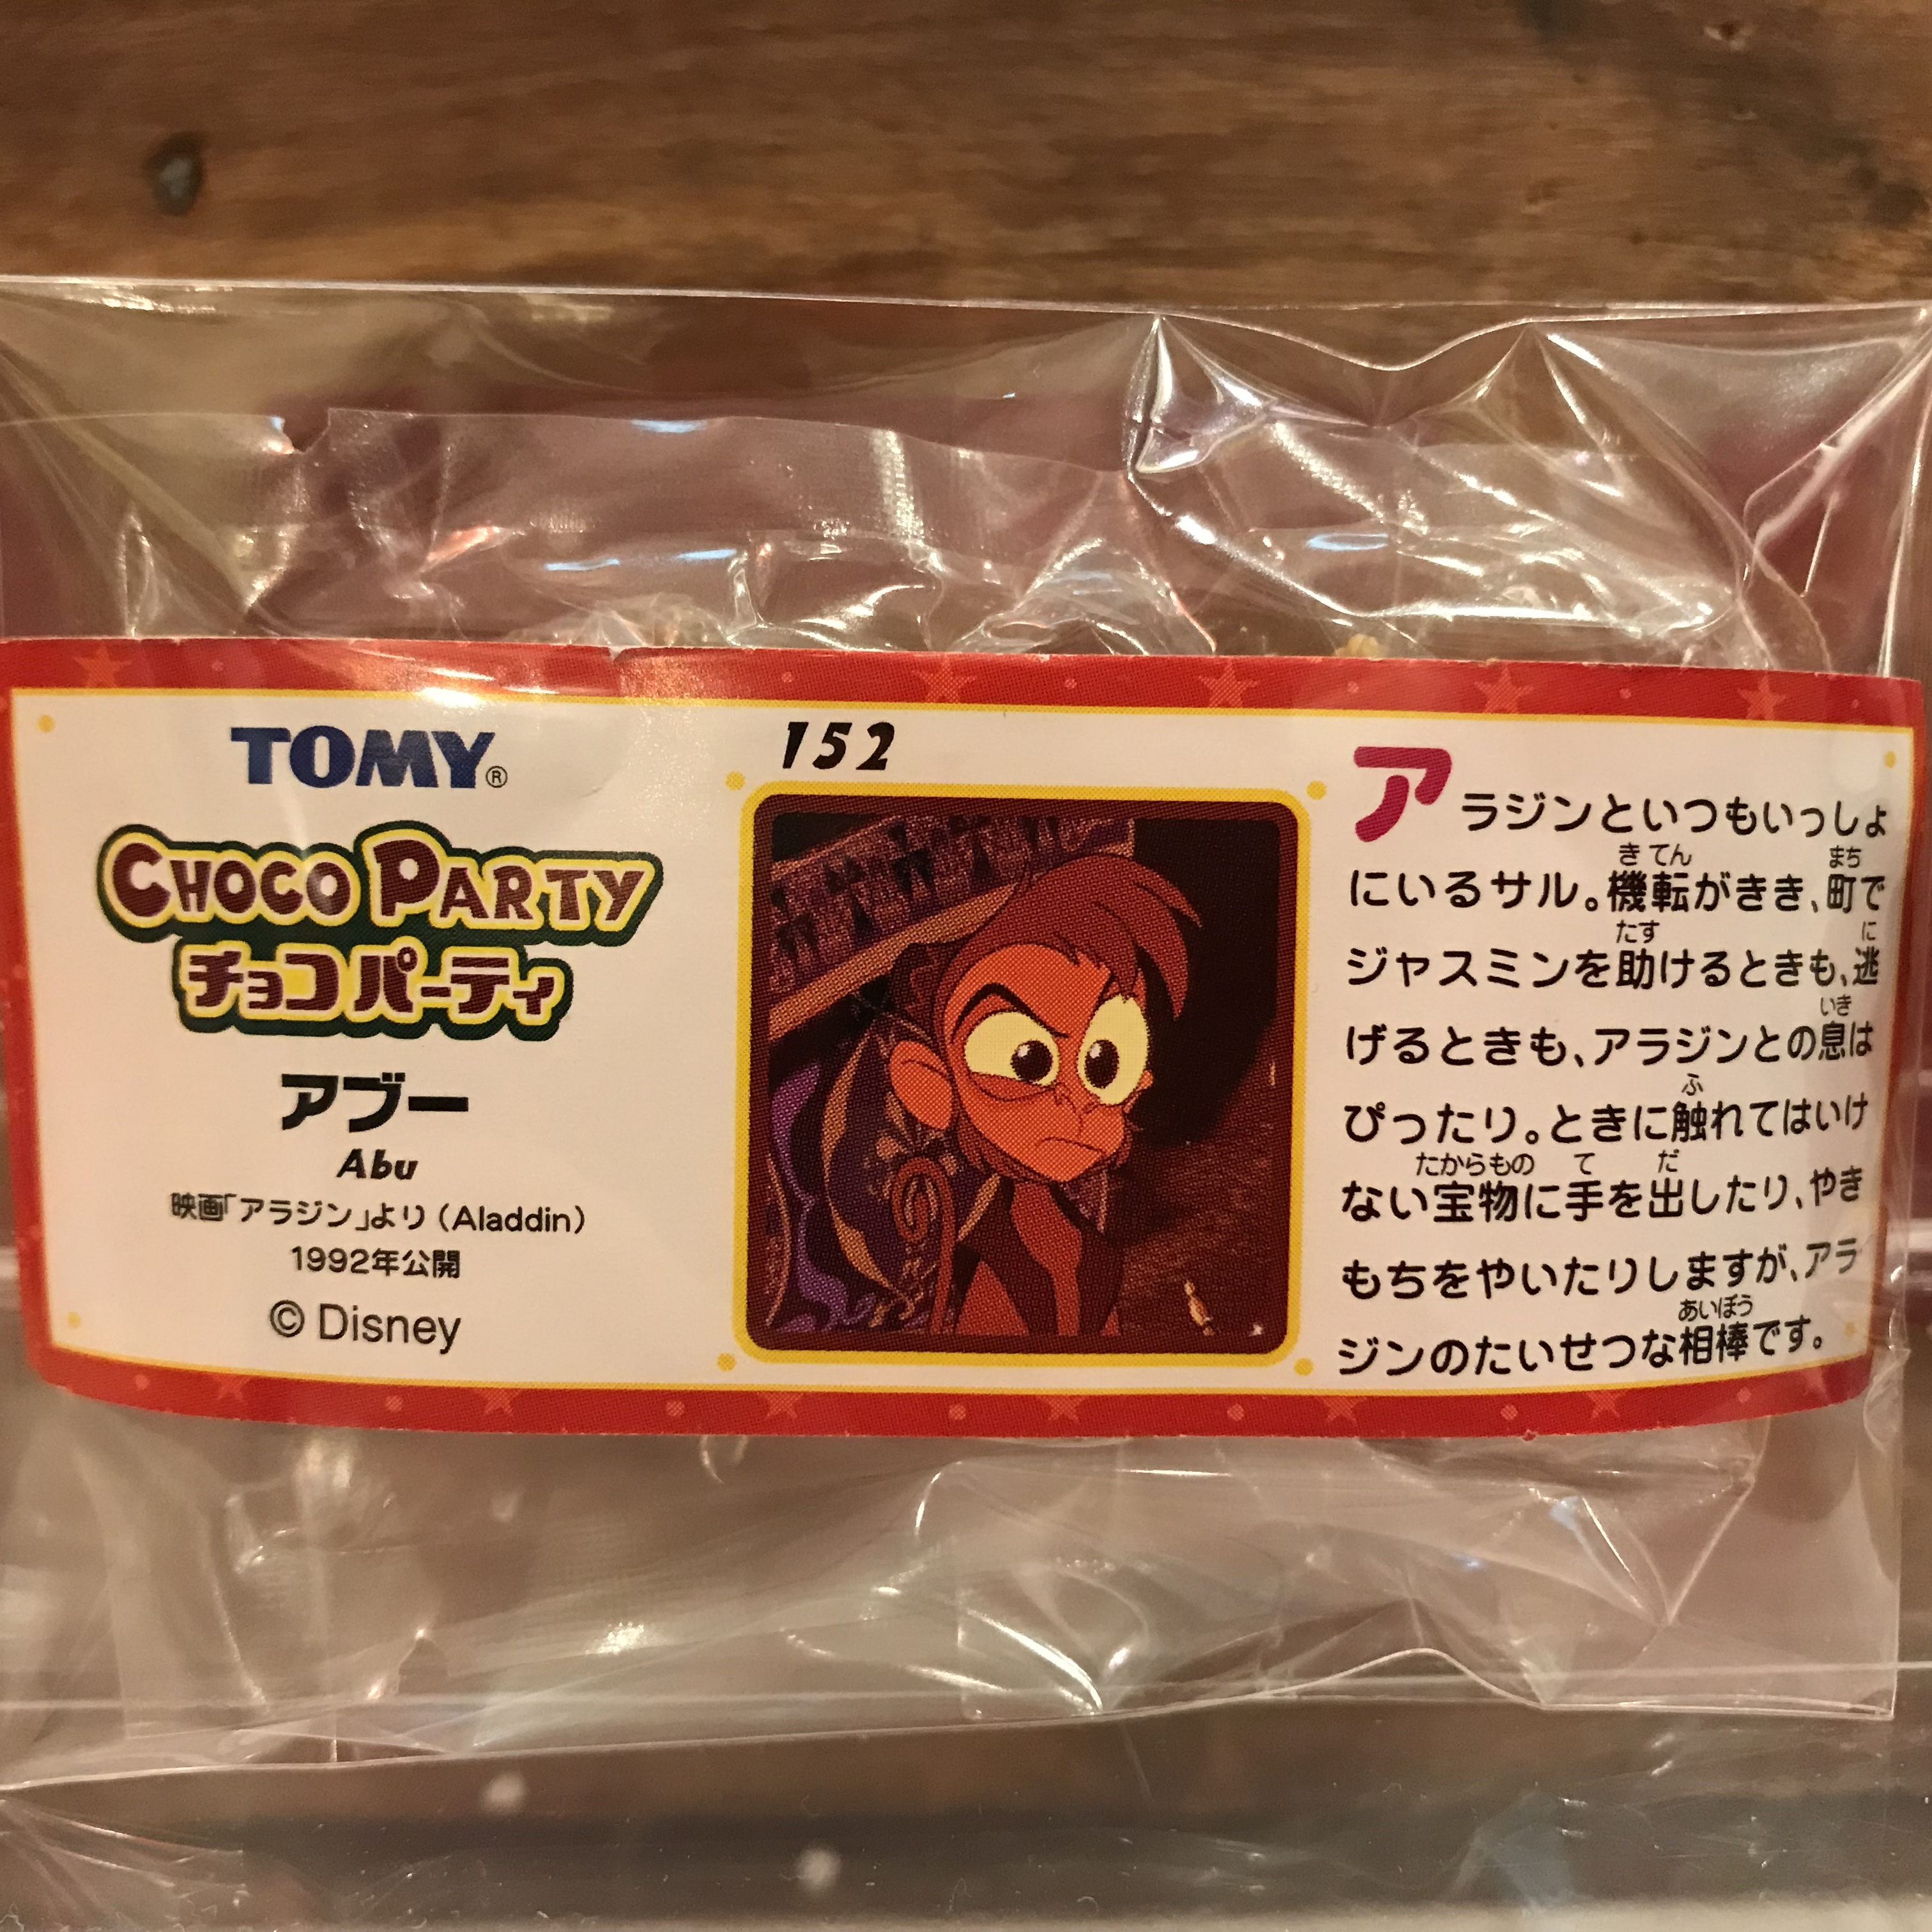 ディズニー チョコパーティ 151 アブー フィギュア 内袋未開封・ミニブック付 TOMY